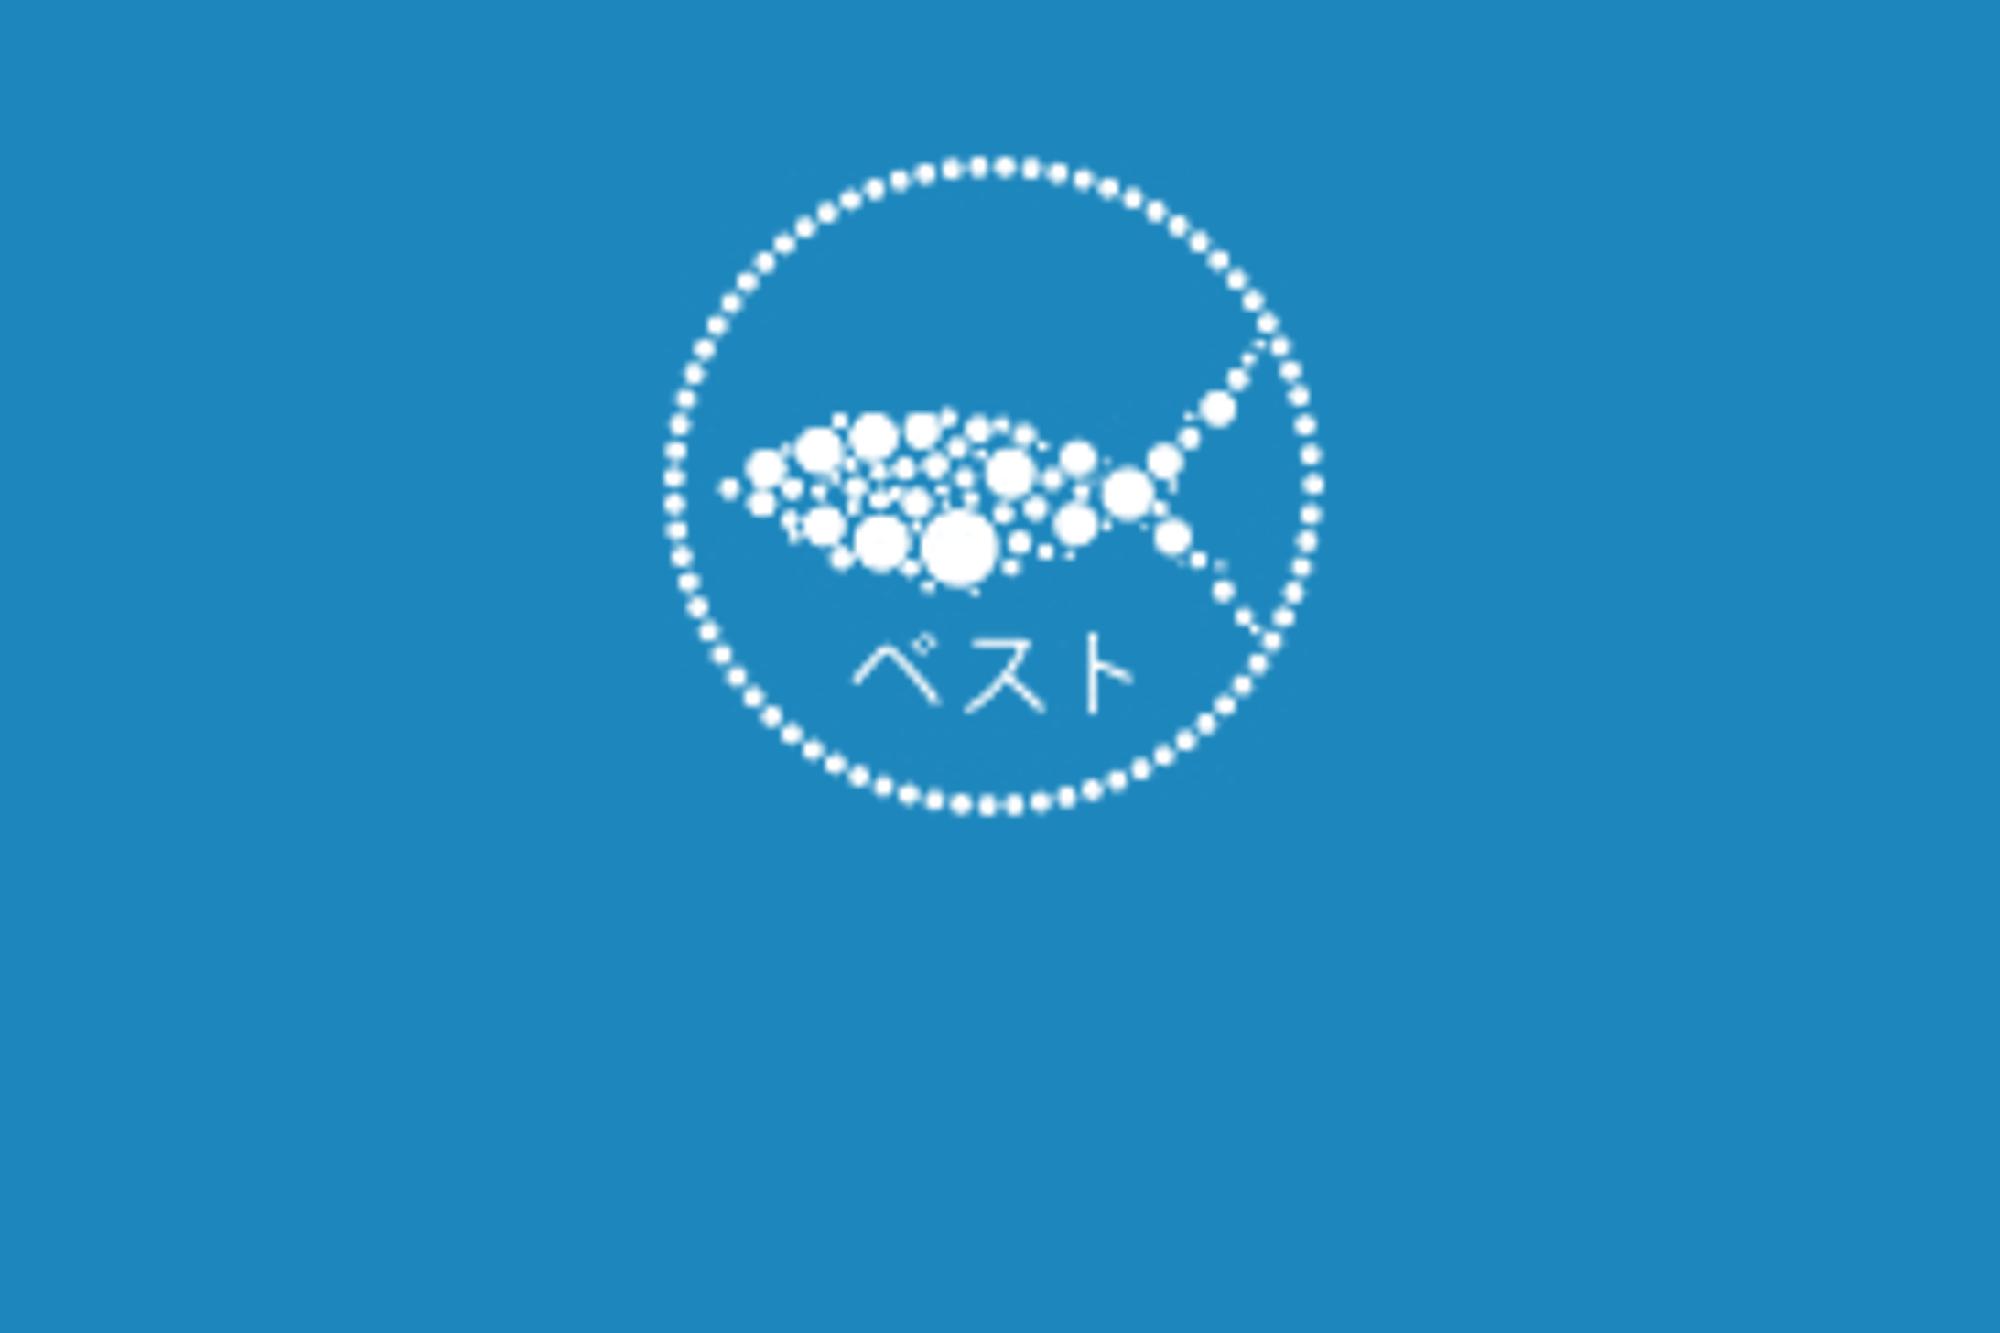 Besuto Sushi